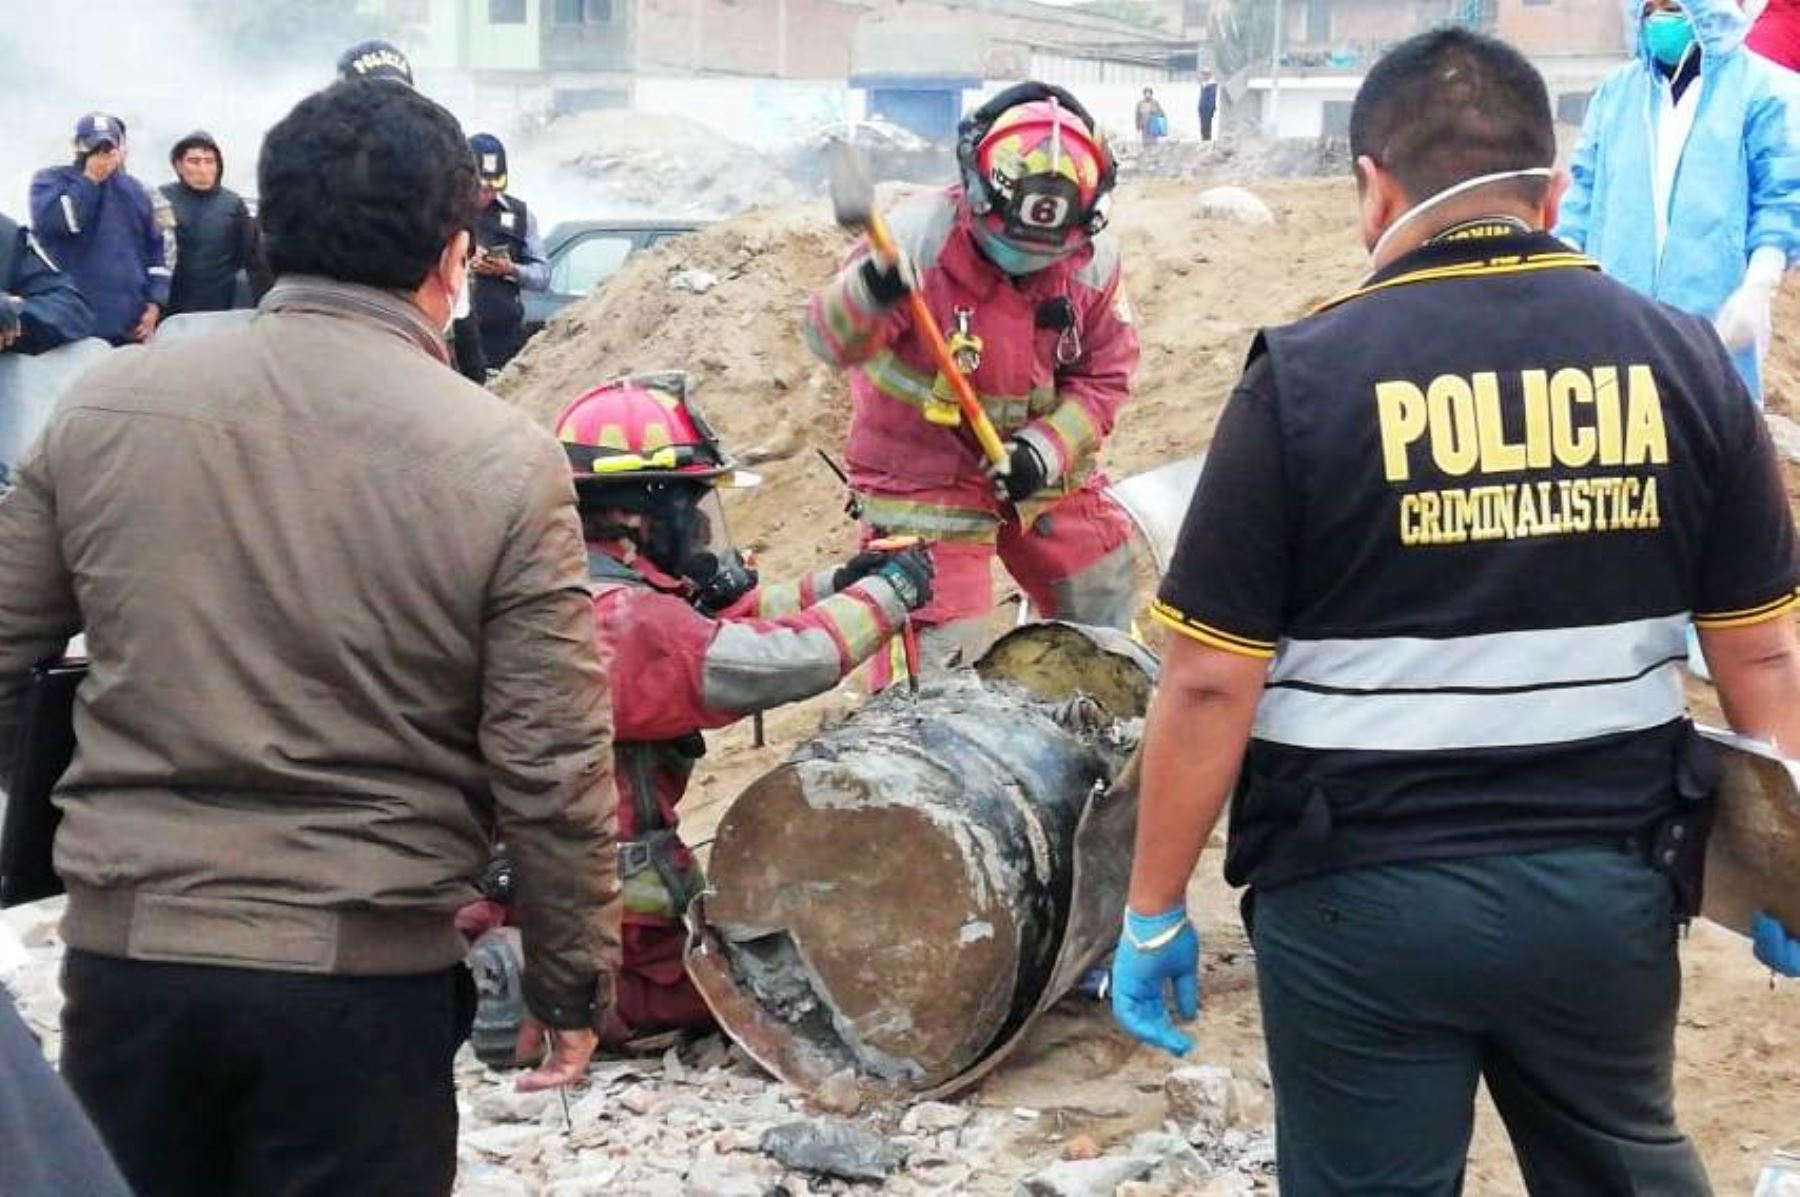 Hallan cadáver dentro de cilindro que iba a ser enterrado en Villa El Salvador. Foto: @washington12589